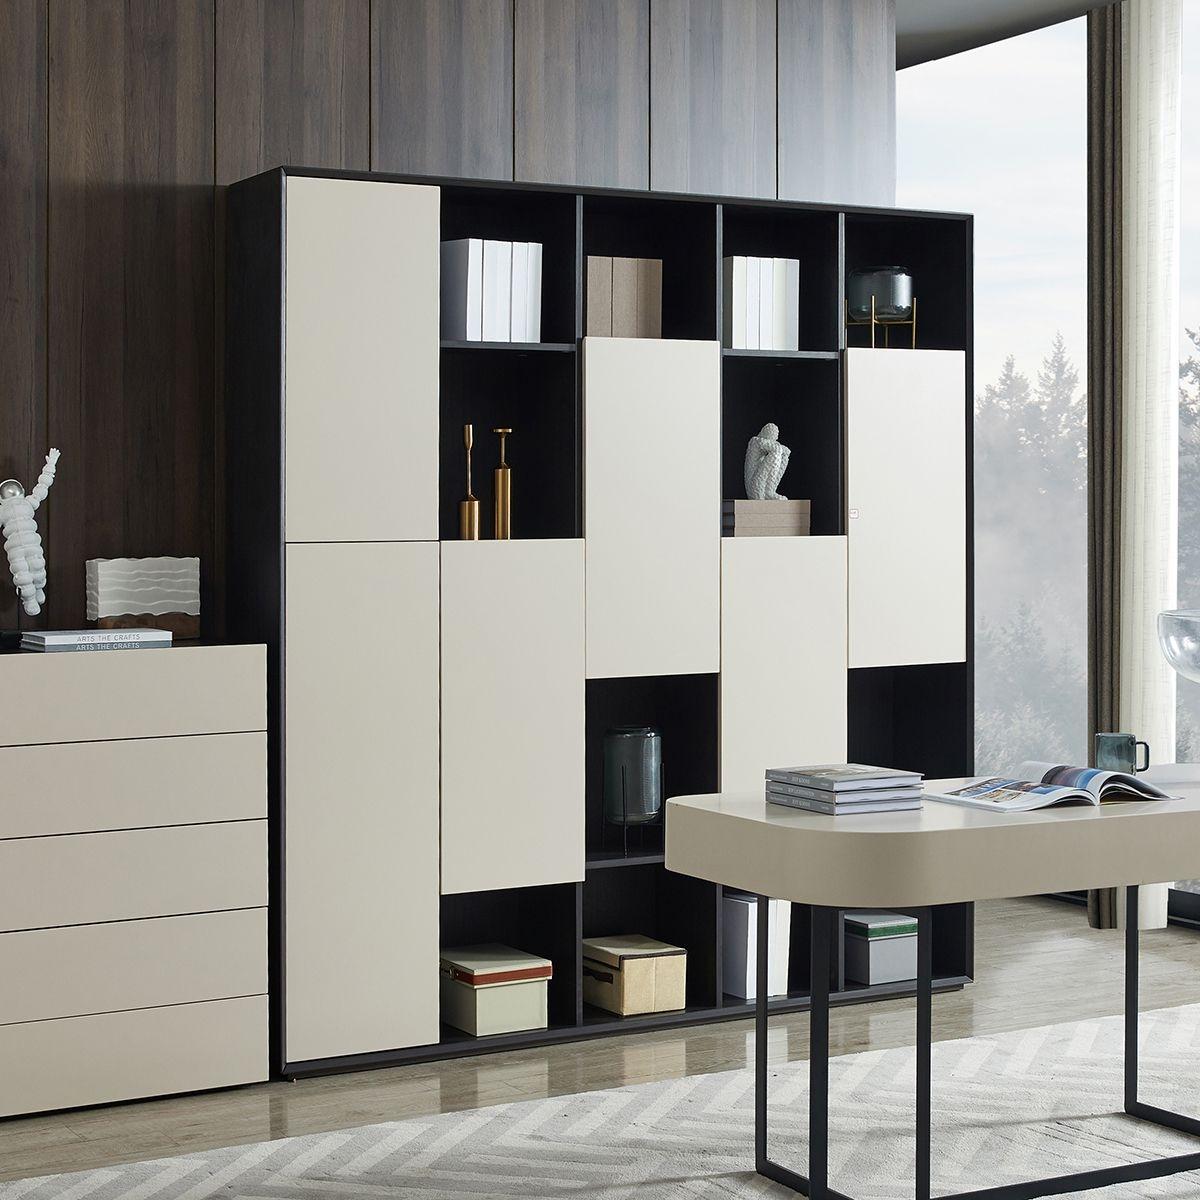 【金柏居】艾格系列 现代简约书柜创意书架  带门书柜落地储物书柜